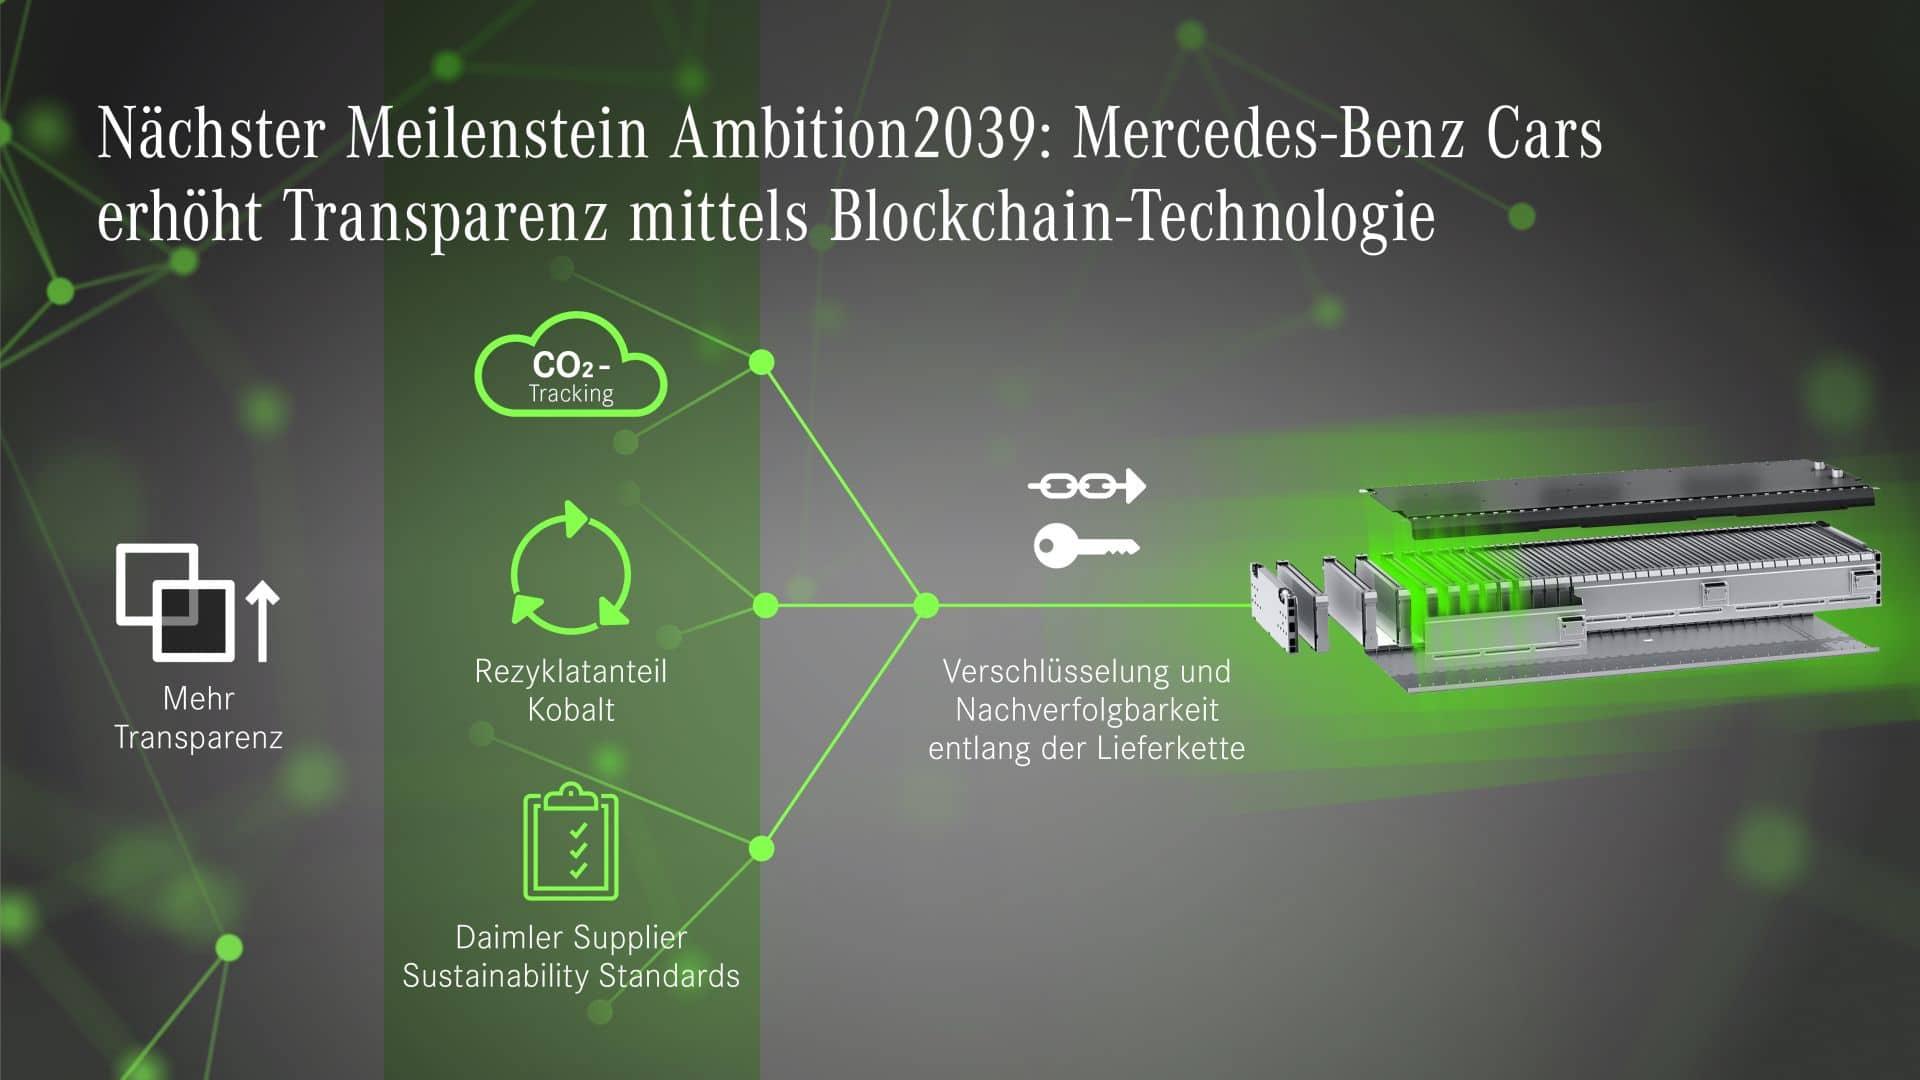 """Auf dem Weg zur nachhaltigen Mobilität nimmt Mercedes-Benz verstärkt die Beschaffung in den Fokus: Gemeinsam mit dem Start-up Circulor führt Mercedes-Benz im Rahmen von STARTUP AUTOBAHN ein Pilotprojekt zur Transparenz über CO2-Emissionen in der Kobaltlieferkette durch. Die Projektpartner nutzen die Blockchain-Technologie, um den Ausstoß klimaschädlicher Gase sowie den Anteil an Sekundärmaterial entlang der komplexen Lieferketten von Batteriezellenherstellern nachvollziehbar zu machen. Das Datennetzwerk dokumentiert zusätzlich, ob die Daimler Nachhaltigkeitsstandards in der gesamten Lieferkette weitergegeben werden. Mit der """"Ambition2039"""" strebt Mercedes-Benz Cars eine CO2-neutrale Pkw-Neuwagenflotte in weniger als 20Jahren an. Dieser Wandel setzt eine detaillierte Kenntnis aller klimarelevanten Prozesse voraus, die mit der gesamten Wertschöpfungskette der Fahrzeuge einhergehen. Mercedes-Benz schafft daher in einem ersten Schritt Transparenz über die CO2-Emissionen und den Einsatz von Sekundärmaterial in der Lieferkette. Dazu hat das Unternehmen im Rahmen von STARTUP AUTOBAHN ein Pilotprojekt mit einem wichtigen Batteriezellenhersteller und Circulor gestartet, einem auf die Blockchain-Technologie spezialisierten Start-up. Die Projektpartner fokussieren sich dabei zunächst auf Kobalt, das aus Recyclinganlagen in die Lieferkette gelangt. Ein Blockchain-basiertes System bildet den Produktionsfluss der Materialien ab sowie den CO2-Ausstoß, der damit einhergeht. Langfristig verfolgt Mercedes-Benz das Ziel einer Kreislaufwirtschaft und arbeitet daran, Stoffkreisläufe zu schließen. Dazu wird mit der Abbildung des Materialflusses auch der Anteil an recyceltem Material in der Lieferkette erfasst. Das Netzwerk zeigt zudem an, ob die Daimler Nachhaltigkeitsanforderungen in Bezug auf Arbeitsbedingungen, Menschenrechte, Umweltschutz, Sicherheit, Geschäftsethik und Compliance an alle beteiligten Unternehmen weitergegeben werden. Daimler fordert seine direkten Lieferanten dazu auf"""